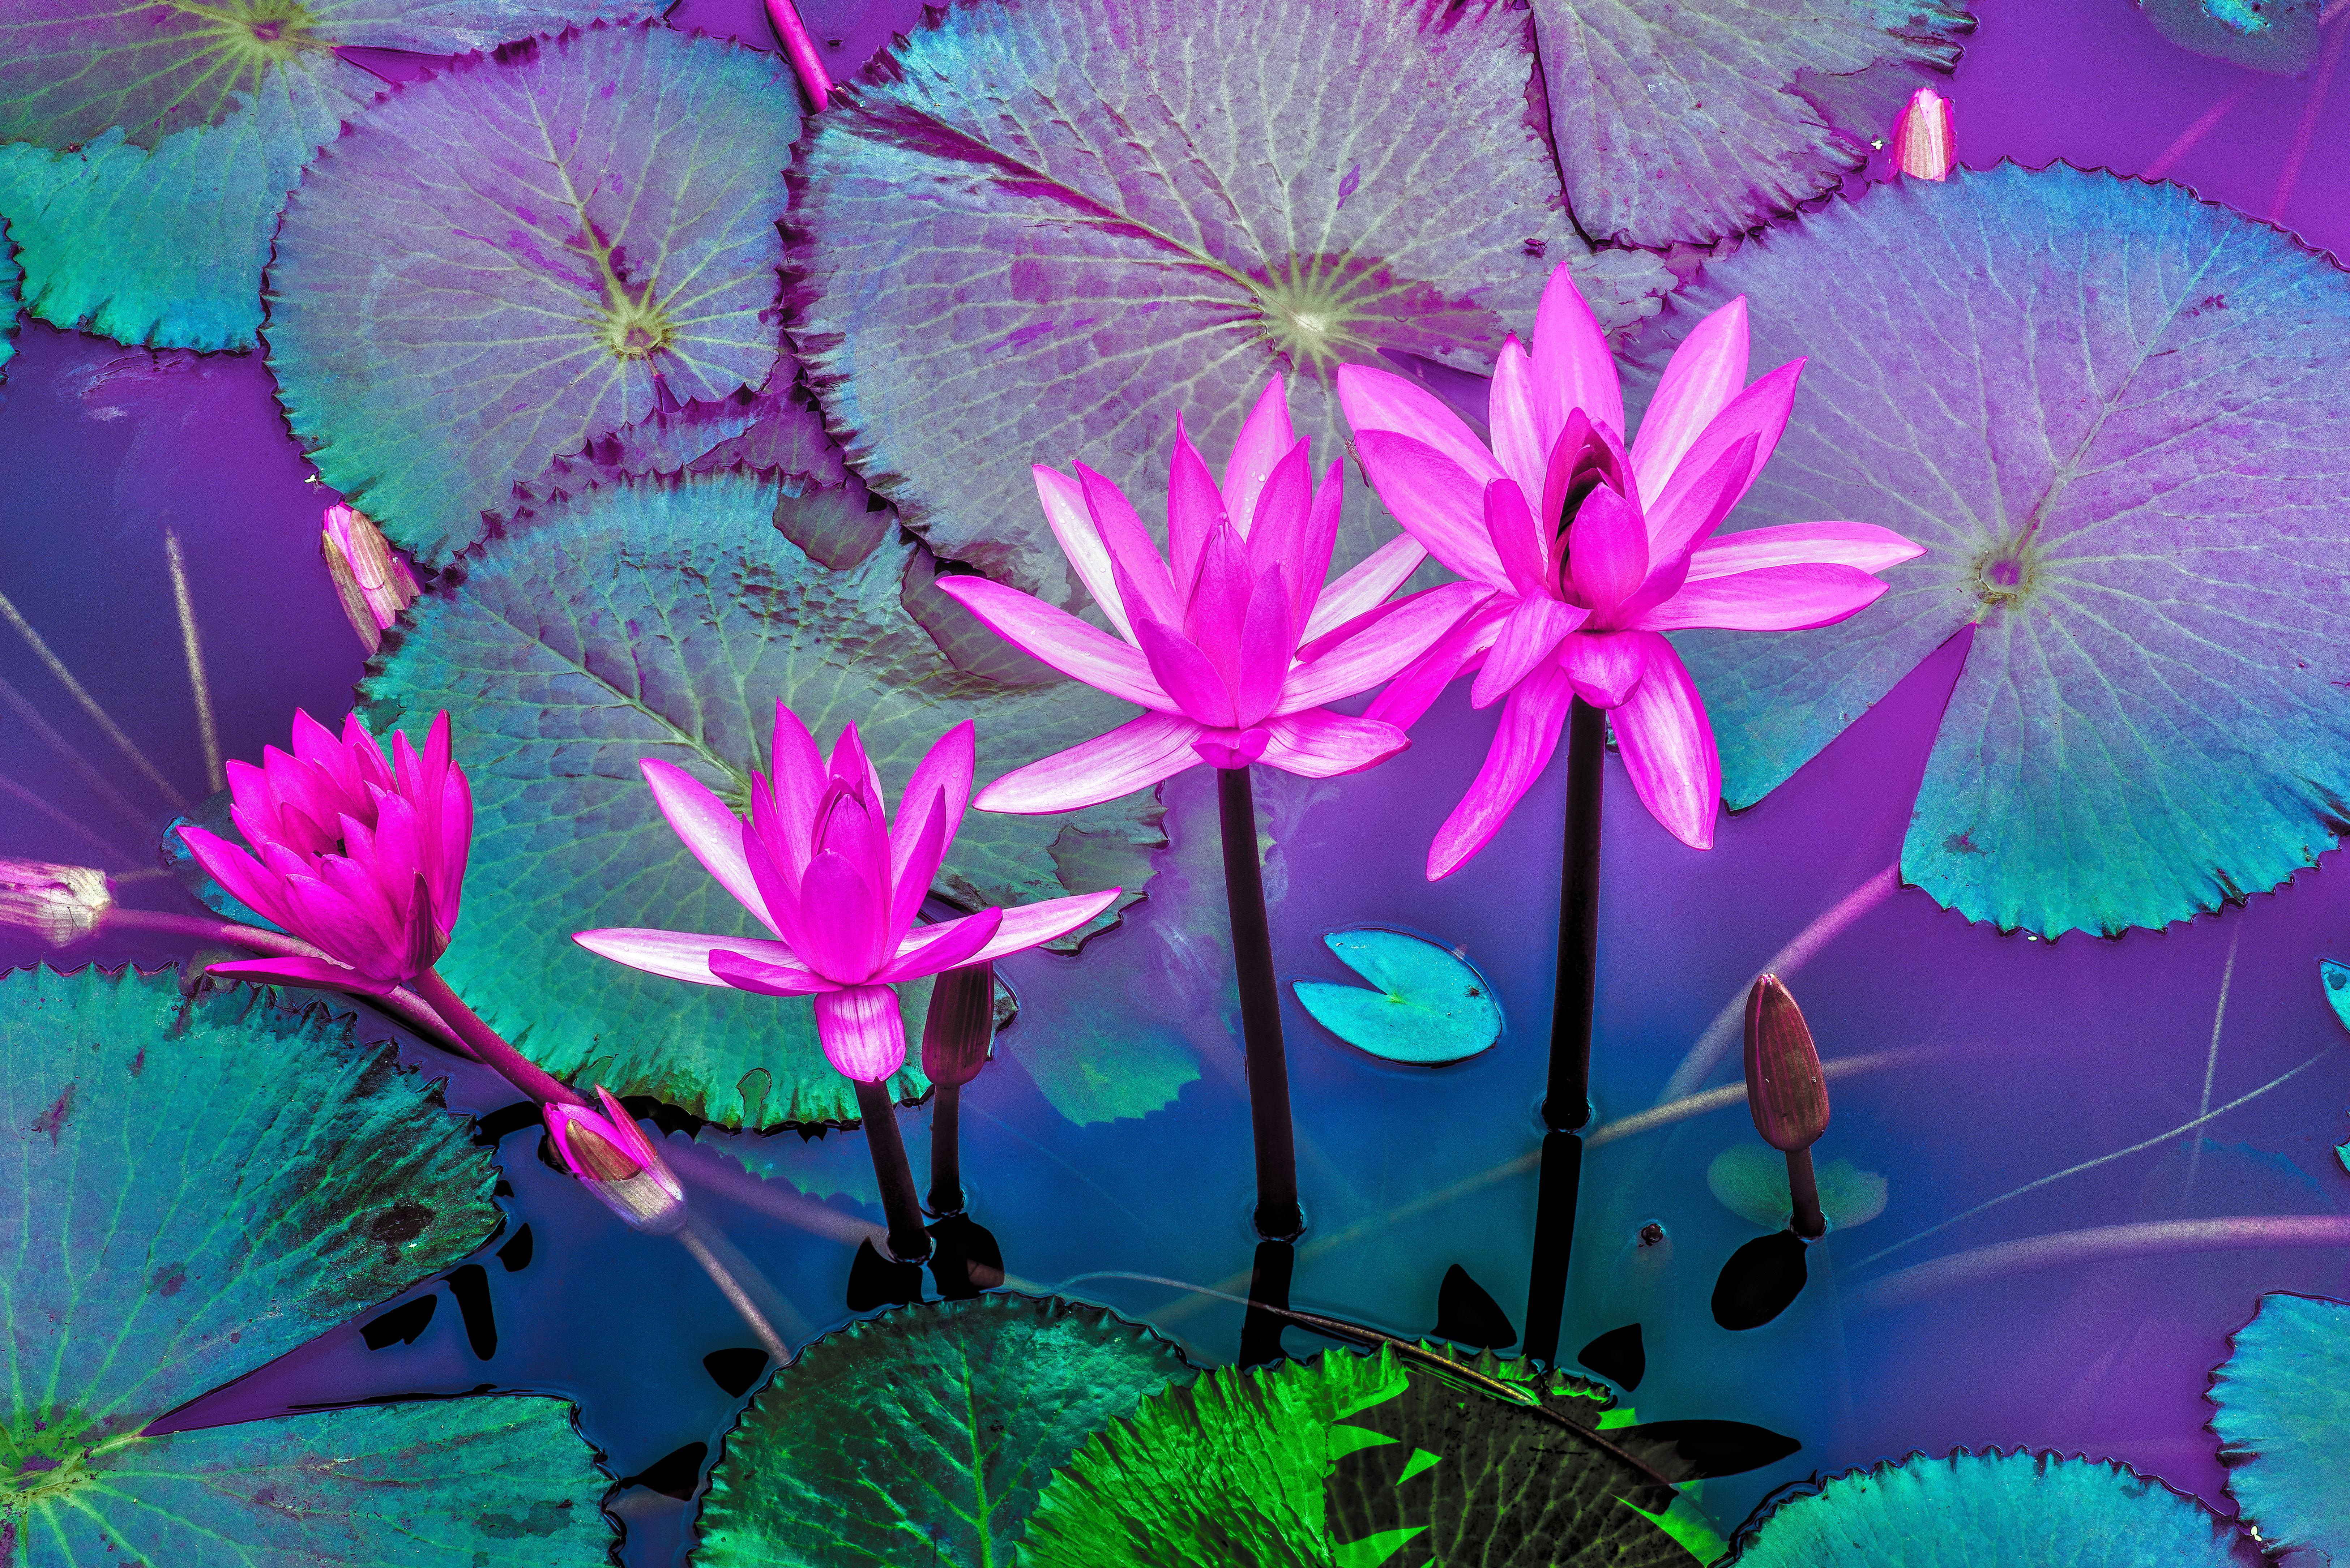 laos, luang prabang : pink water lilies